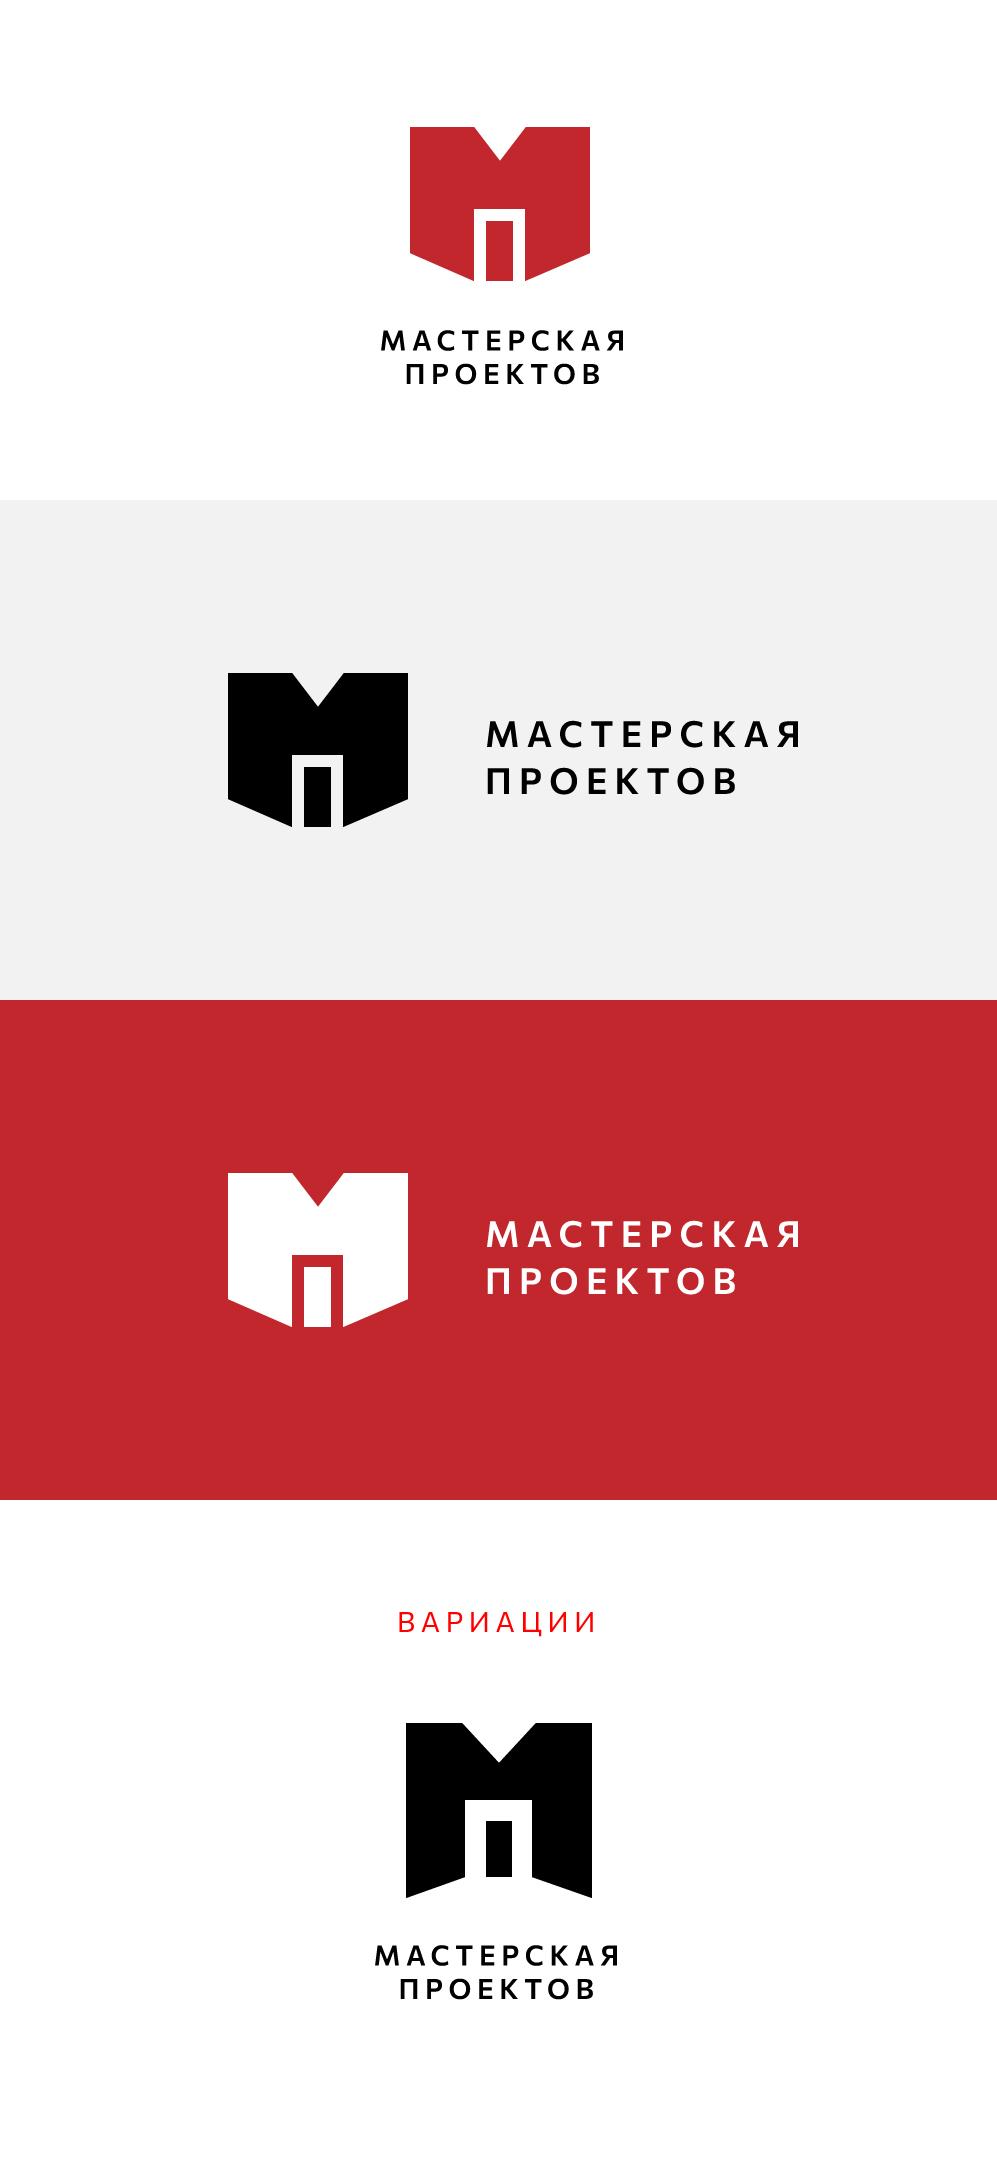 Разработка логотипа строительно-мебельного проекта (см. опис фото f_4176079f5e6b83ab.jpg